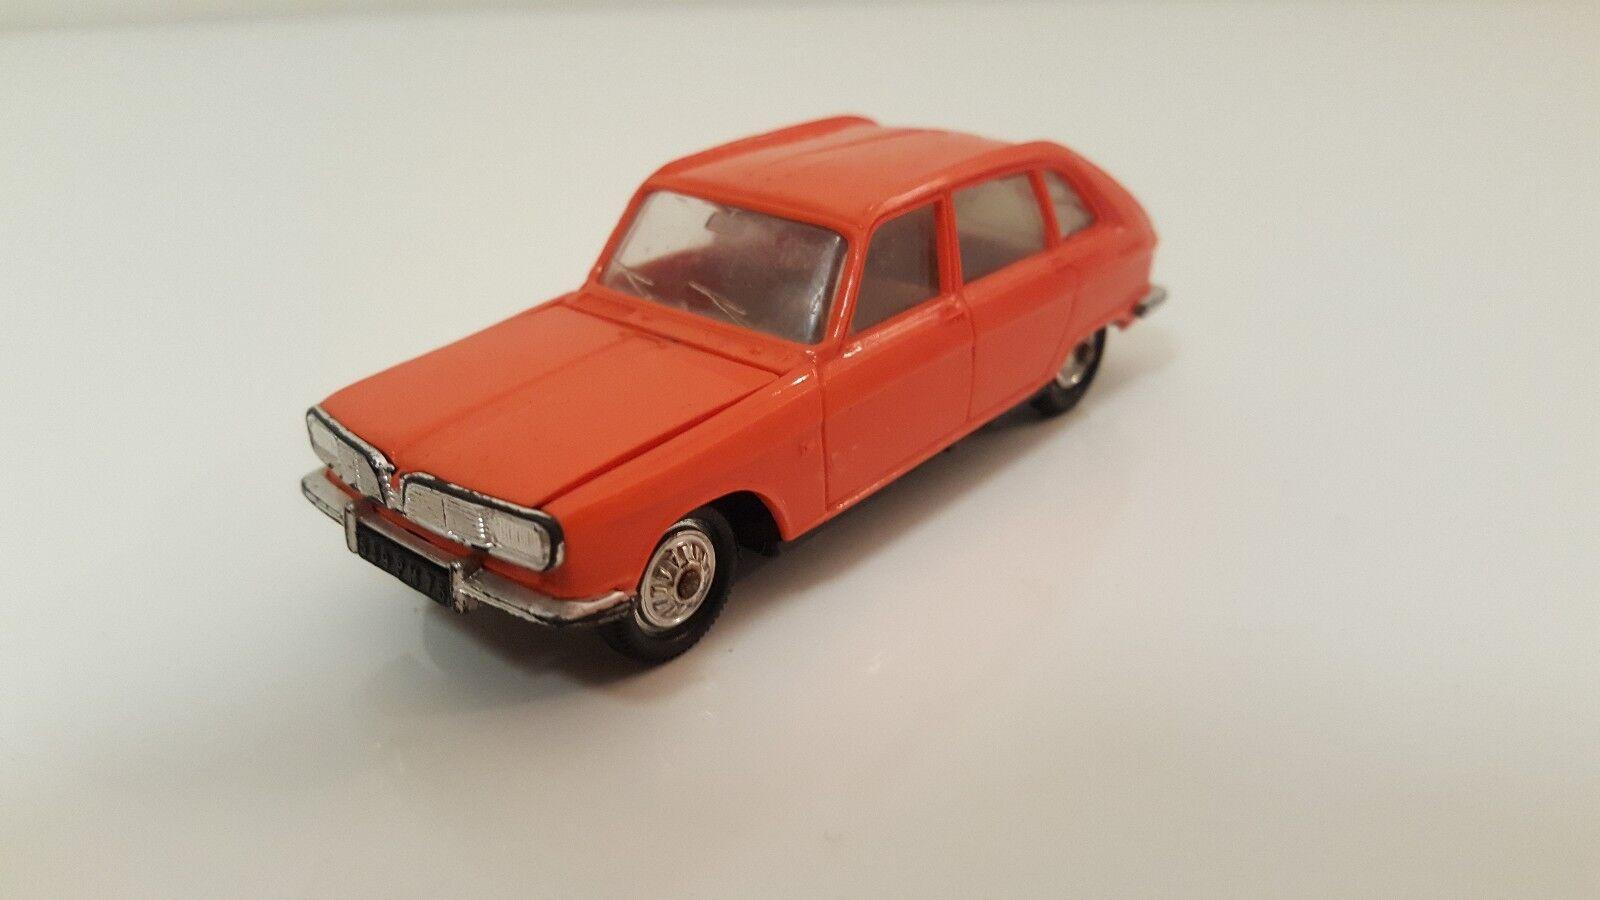 Norev plastique - Renault 16 1 43 (Années 60)